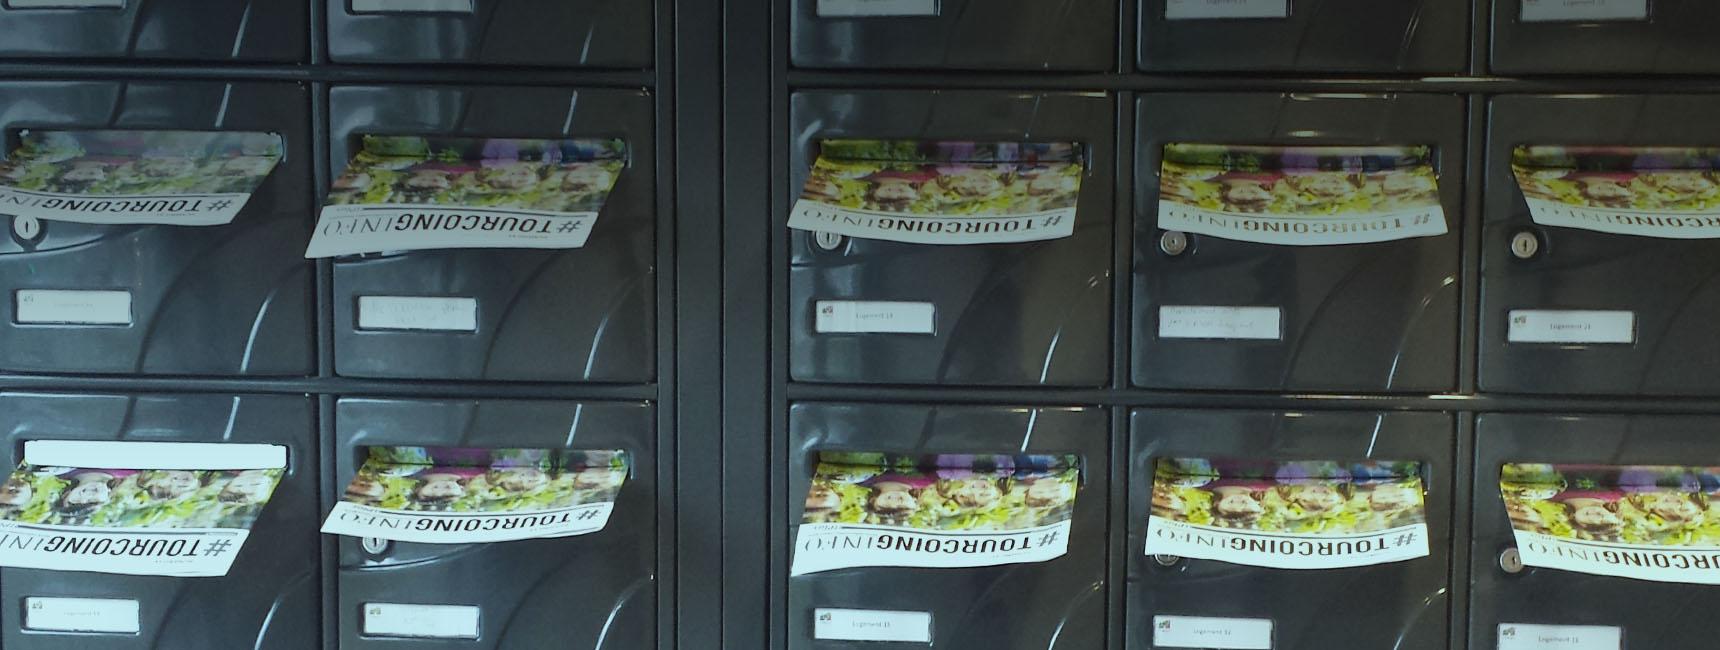 Distribution, dépôt et publipostage - Keemia Strasbourg Agence marketing local en région Grand-Est